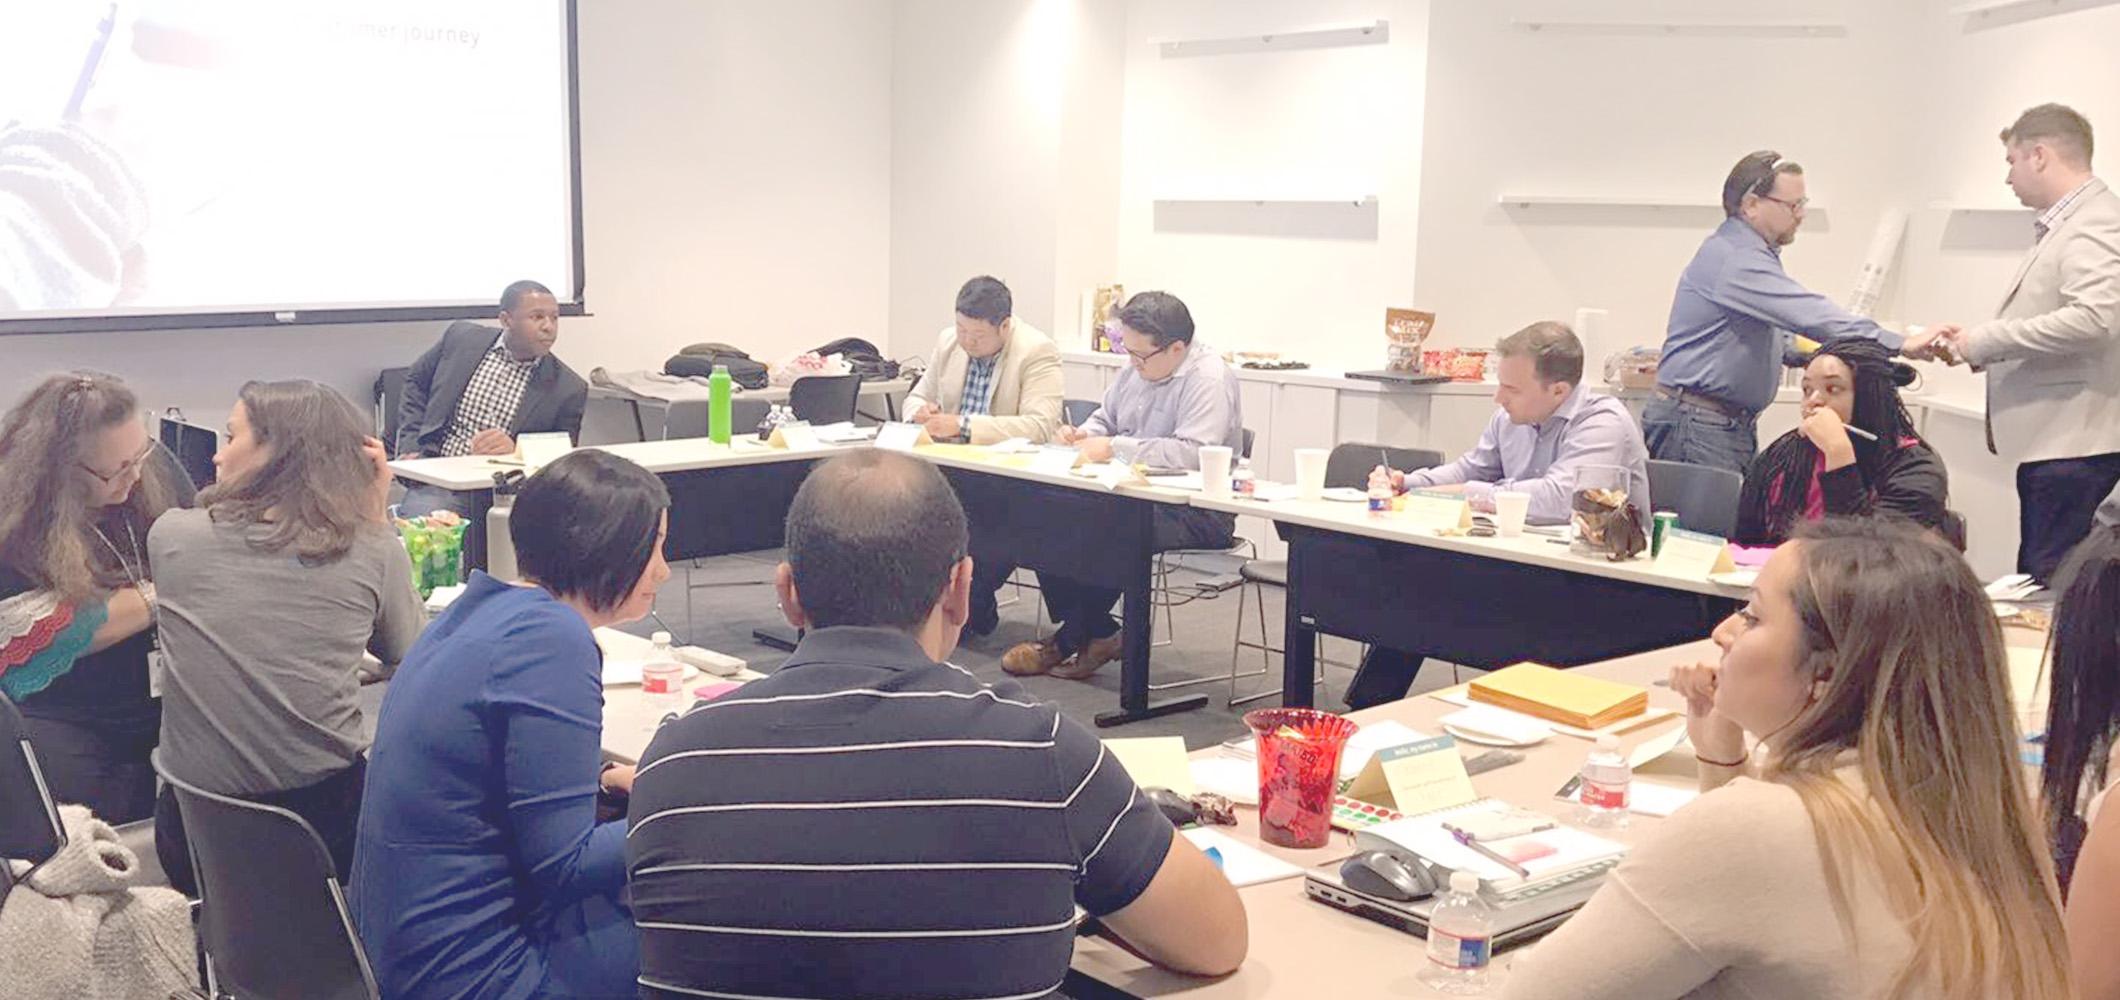 Workshop client session